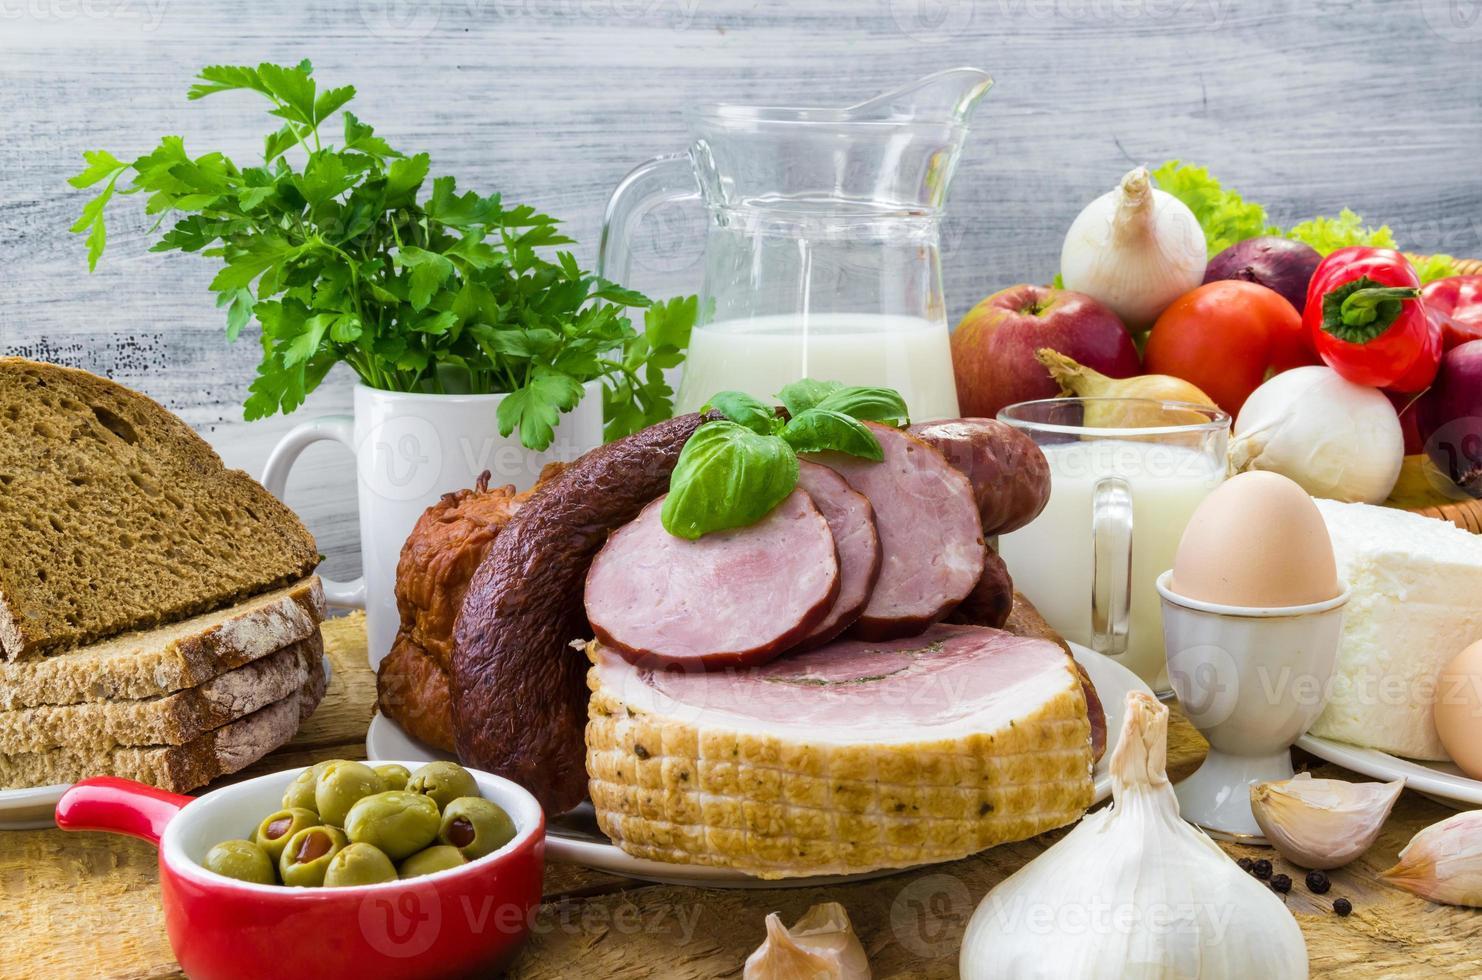 Zusammensetzung Vielfalt Lebensmittelprodukte Fleisch Molkerei foto